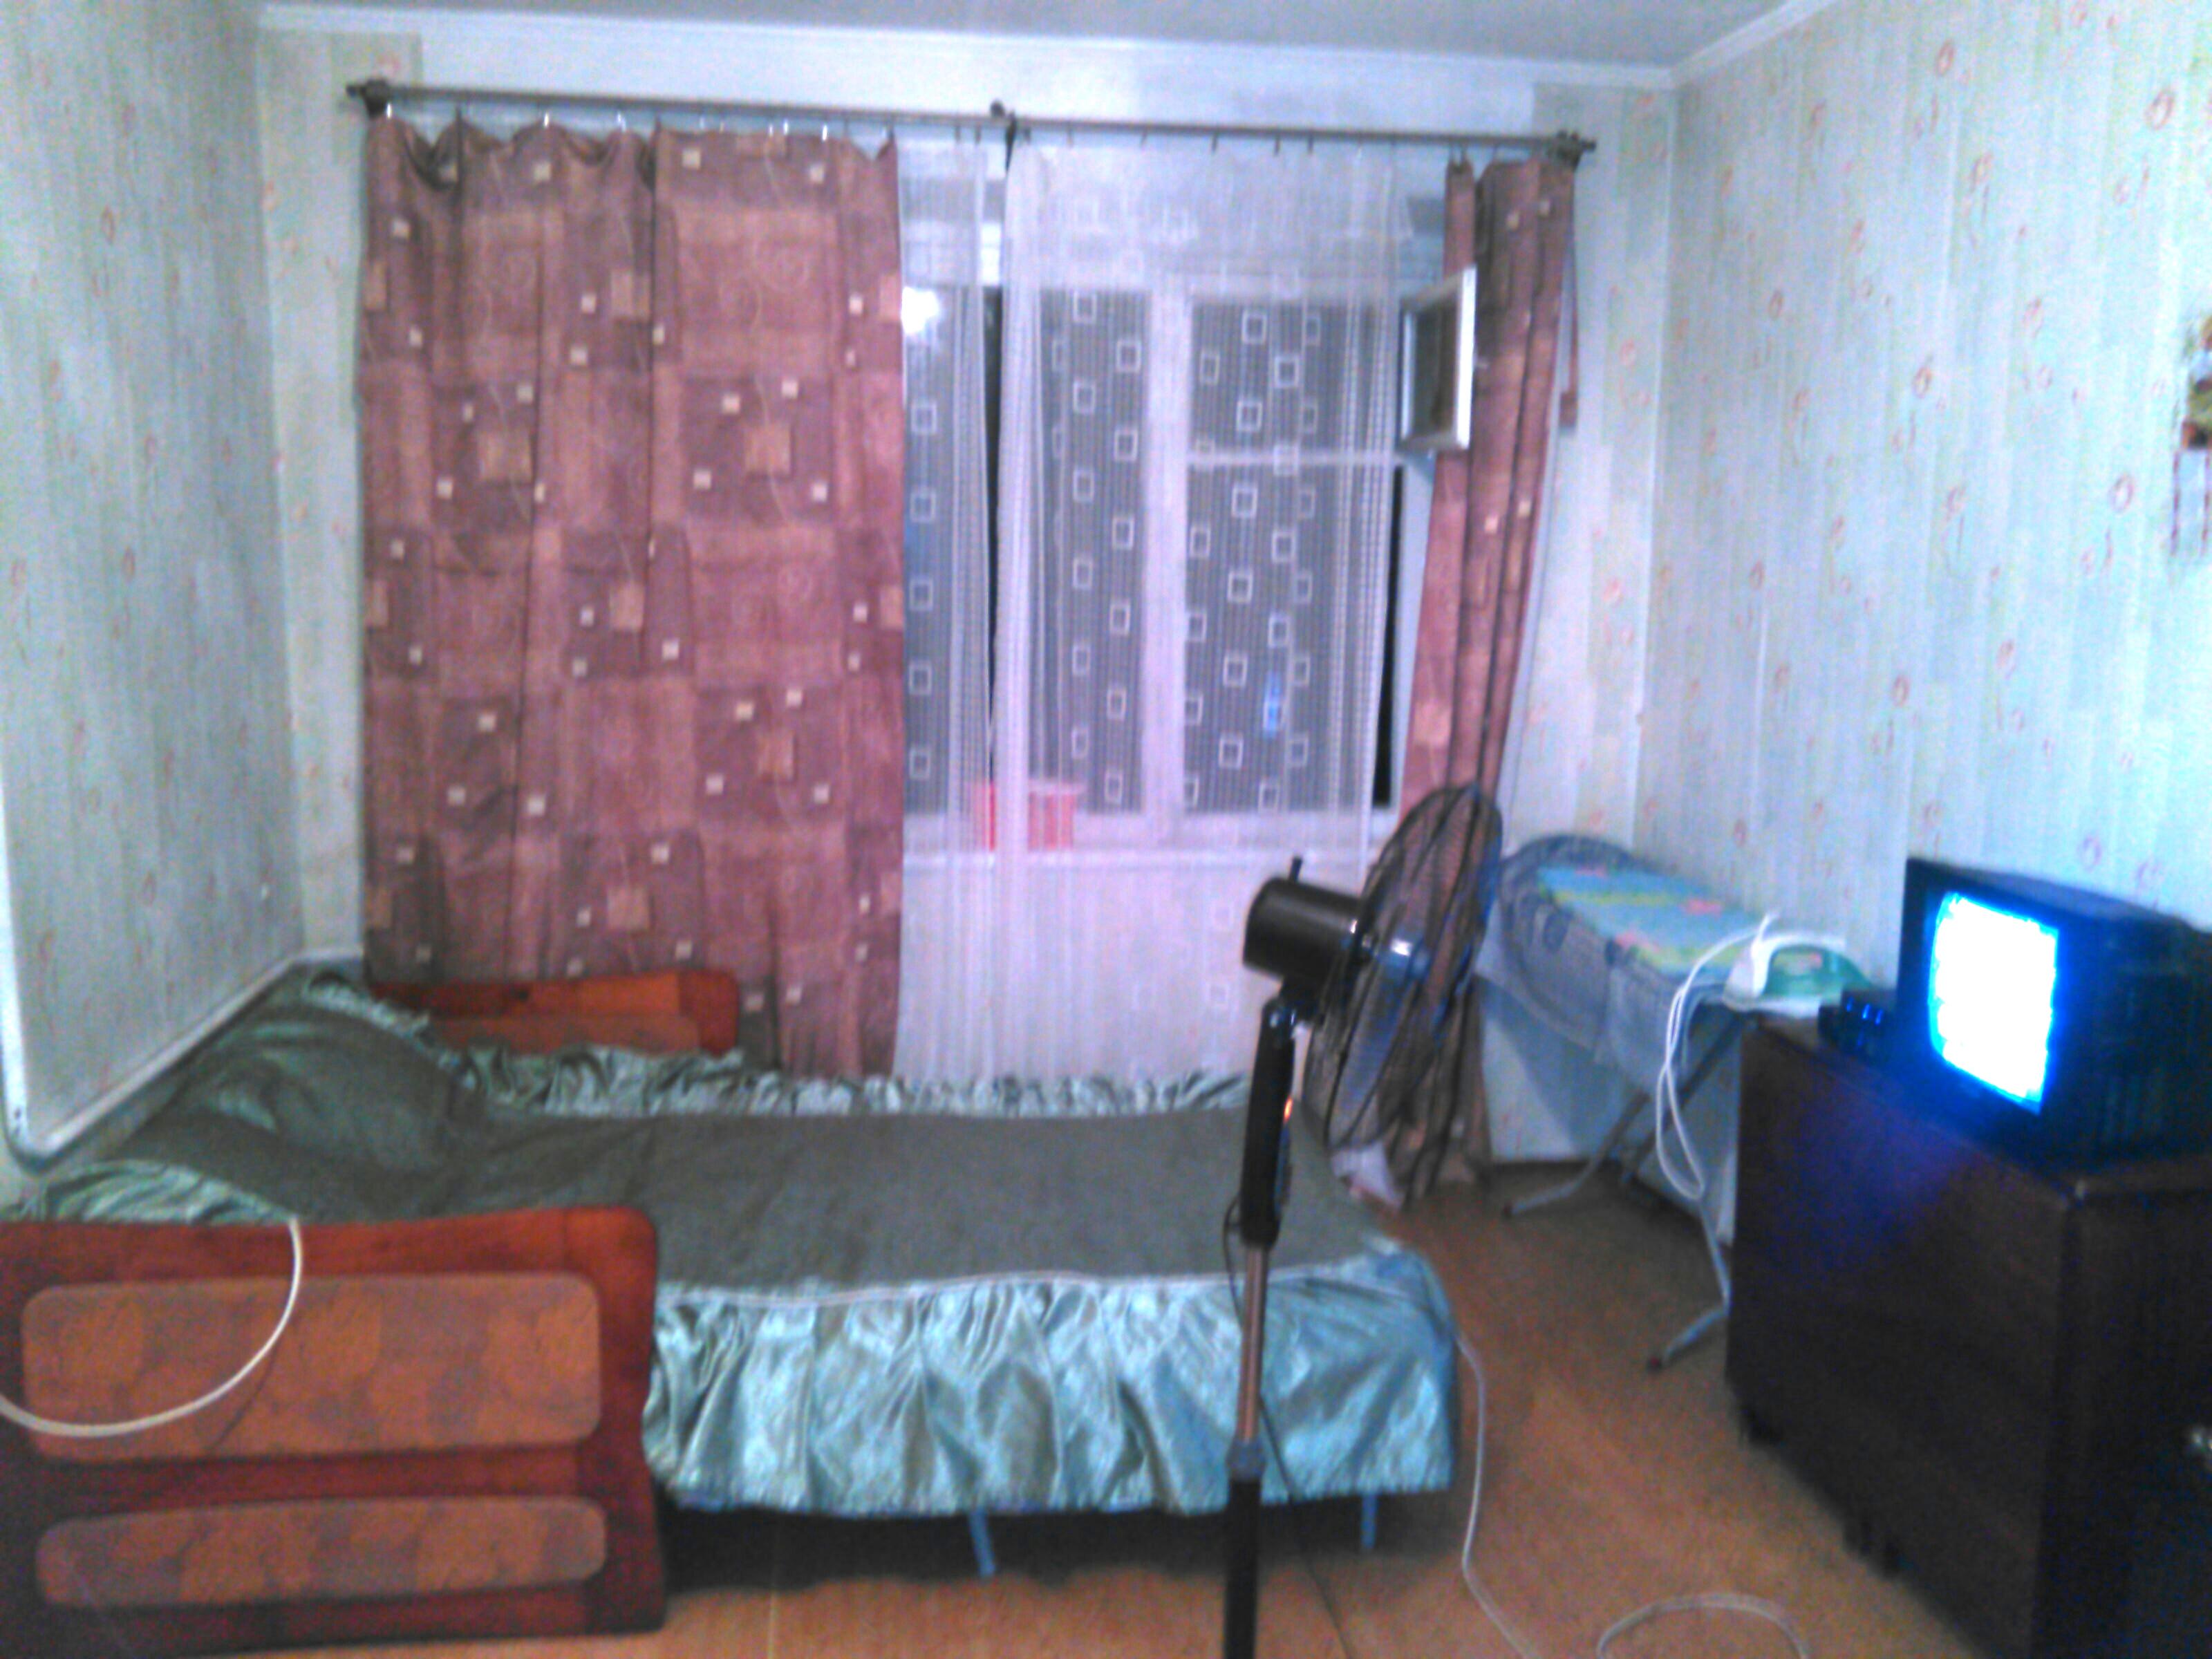 Сдам - 1комнатная квартира 32 кв.м на 4 этаже 5этажного панельного дома , ремонт. -Ясногорская - цена: 1800